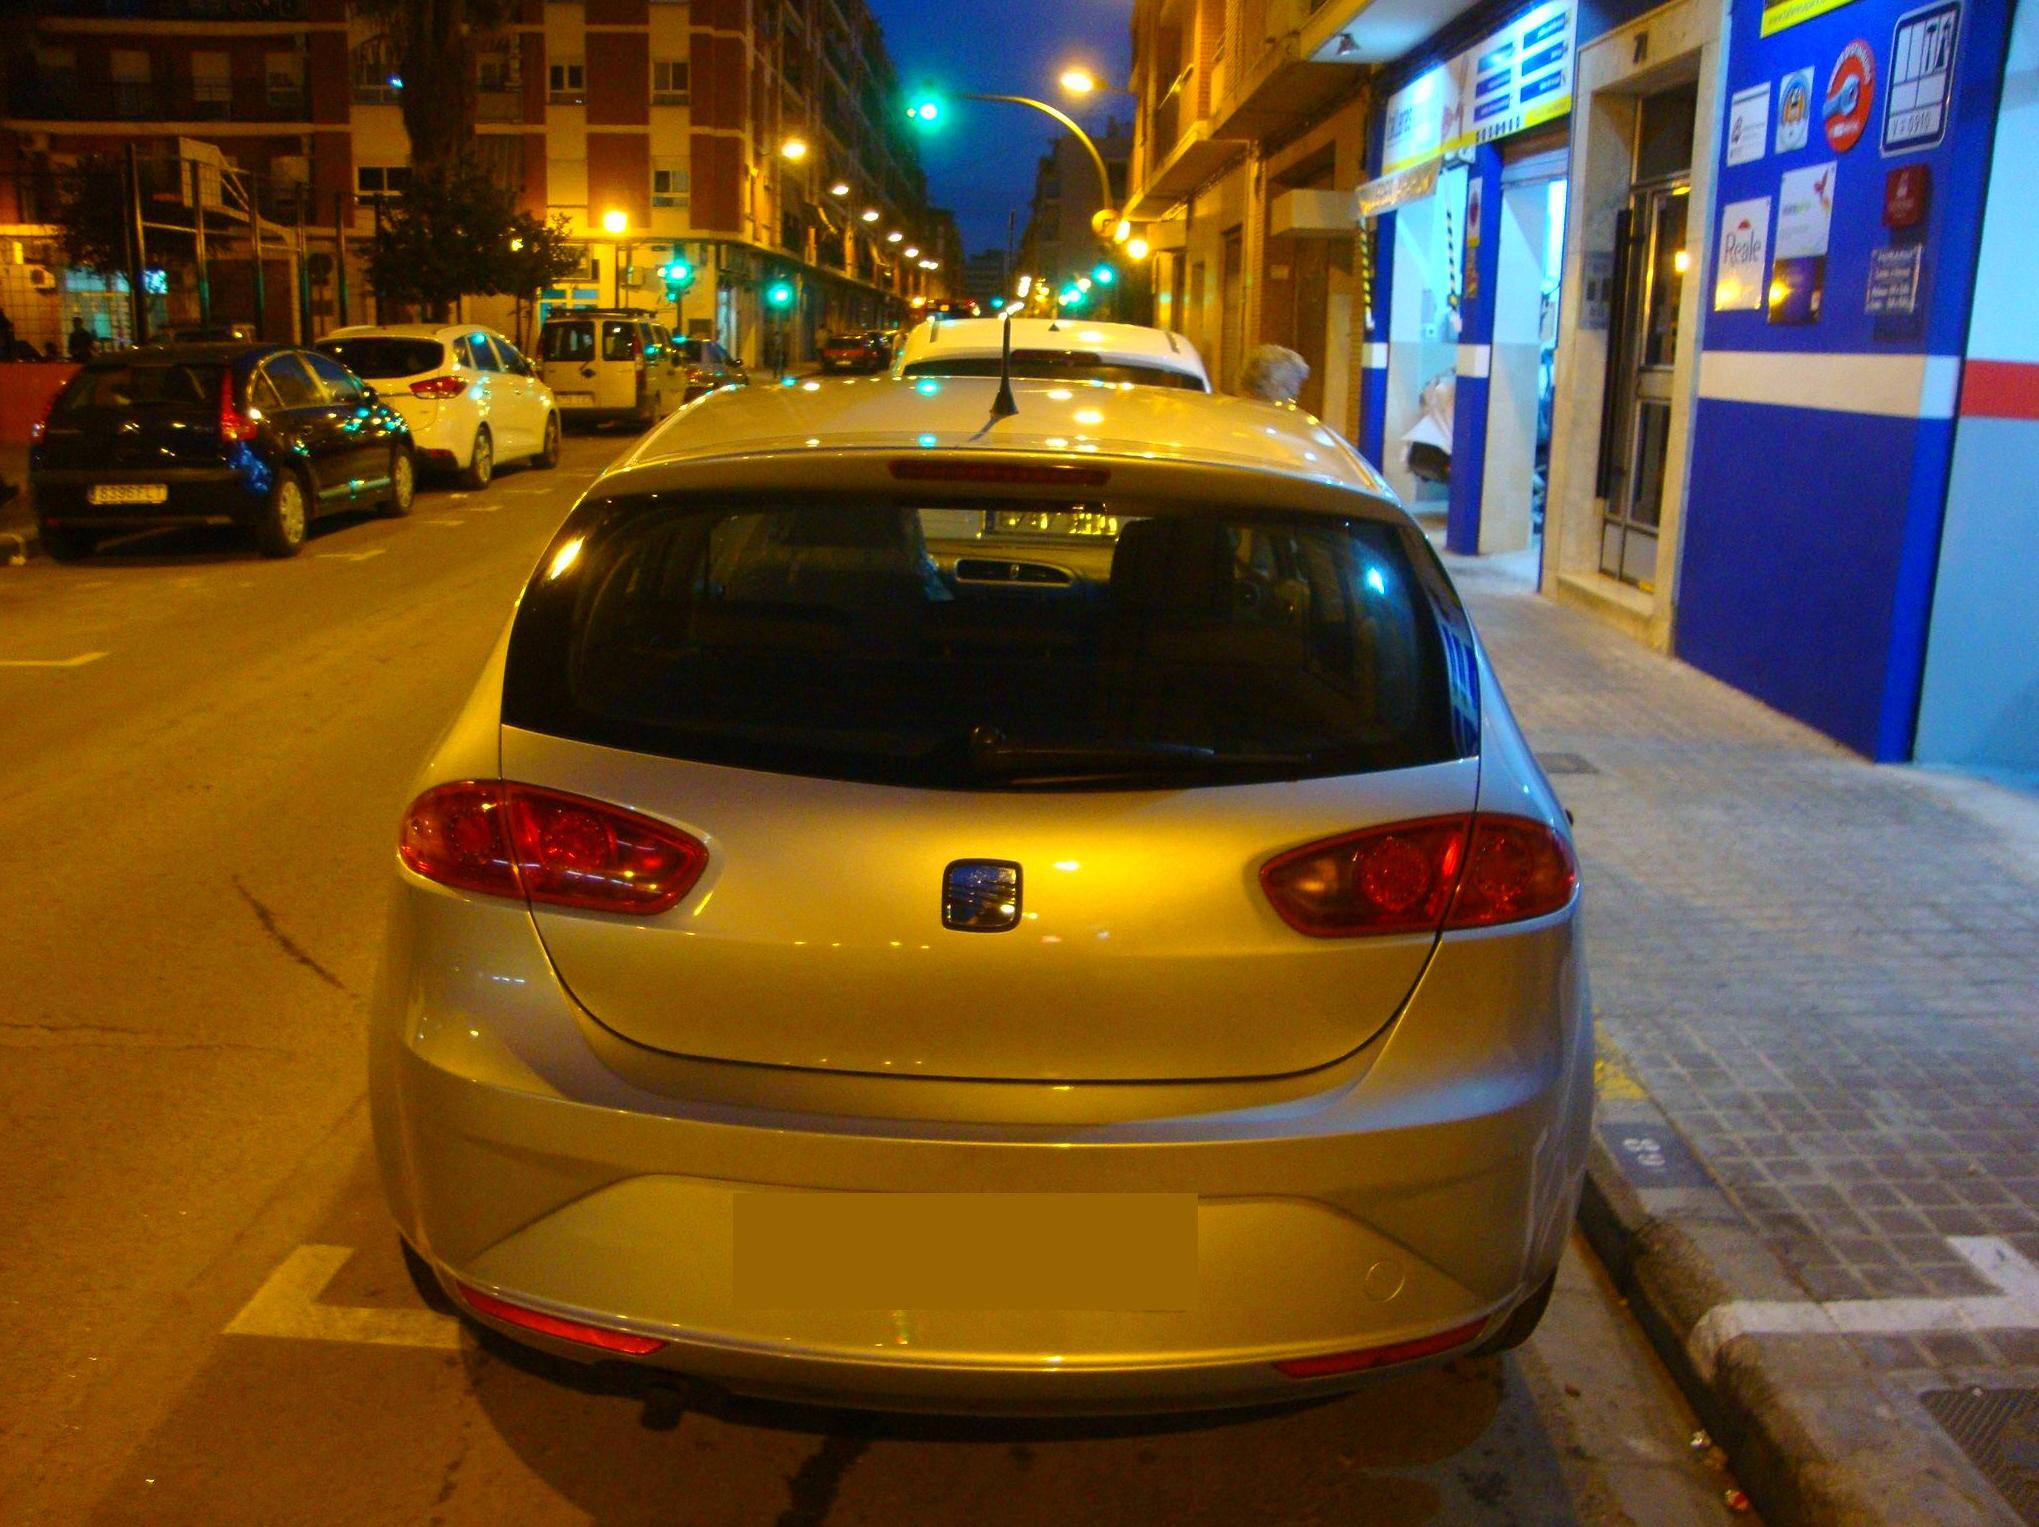 Foto 39 de Talleres de chapa y pintura en Valencia | Talleres Aparicio Autochiquero